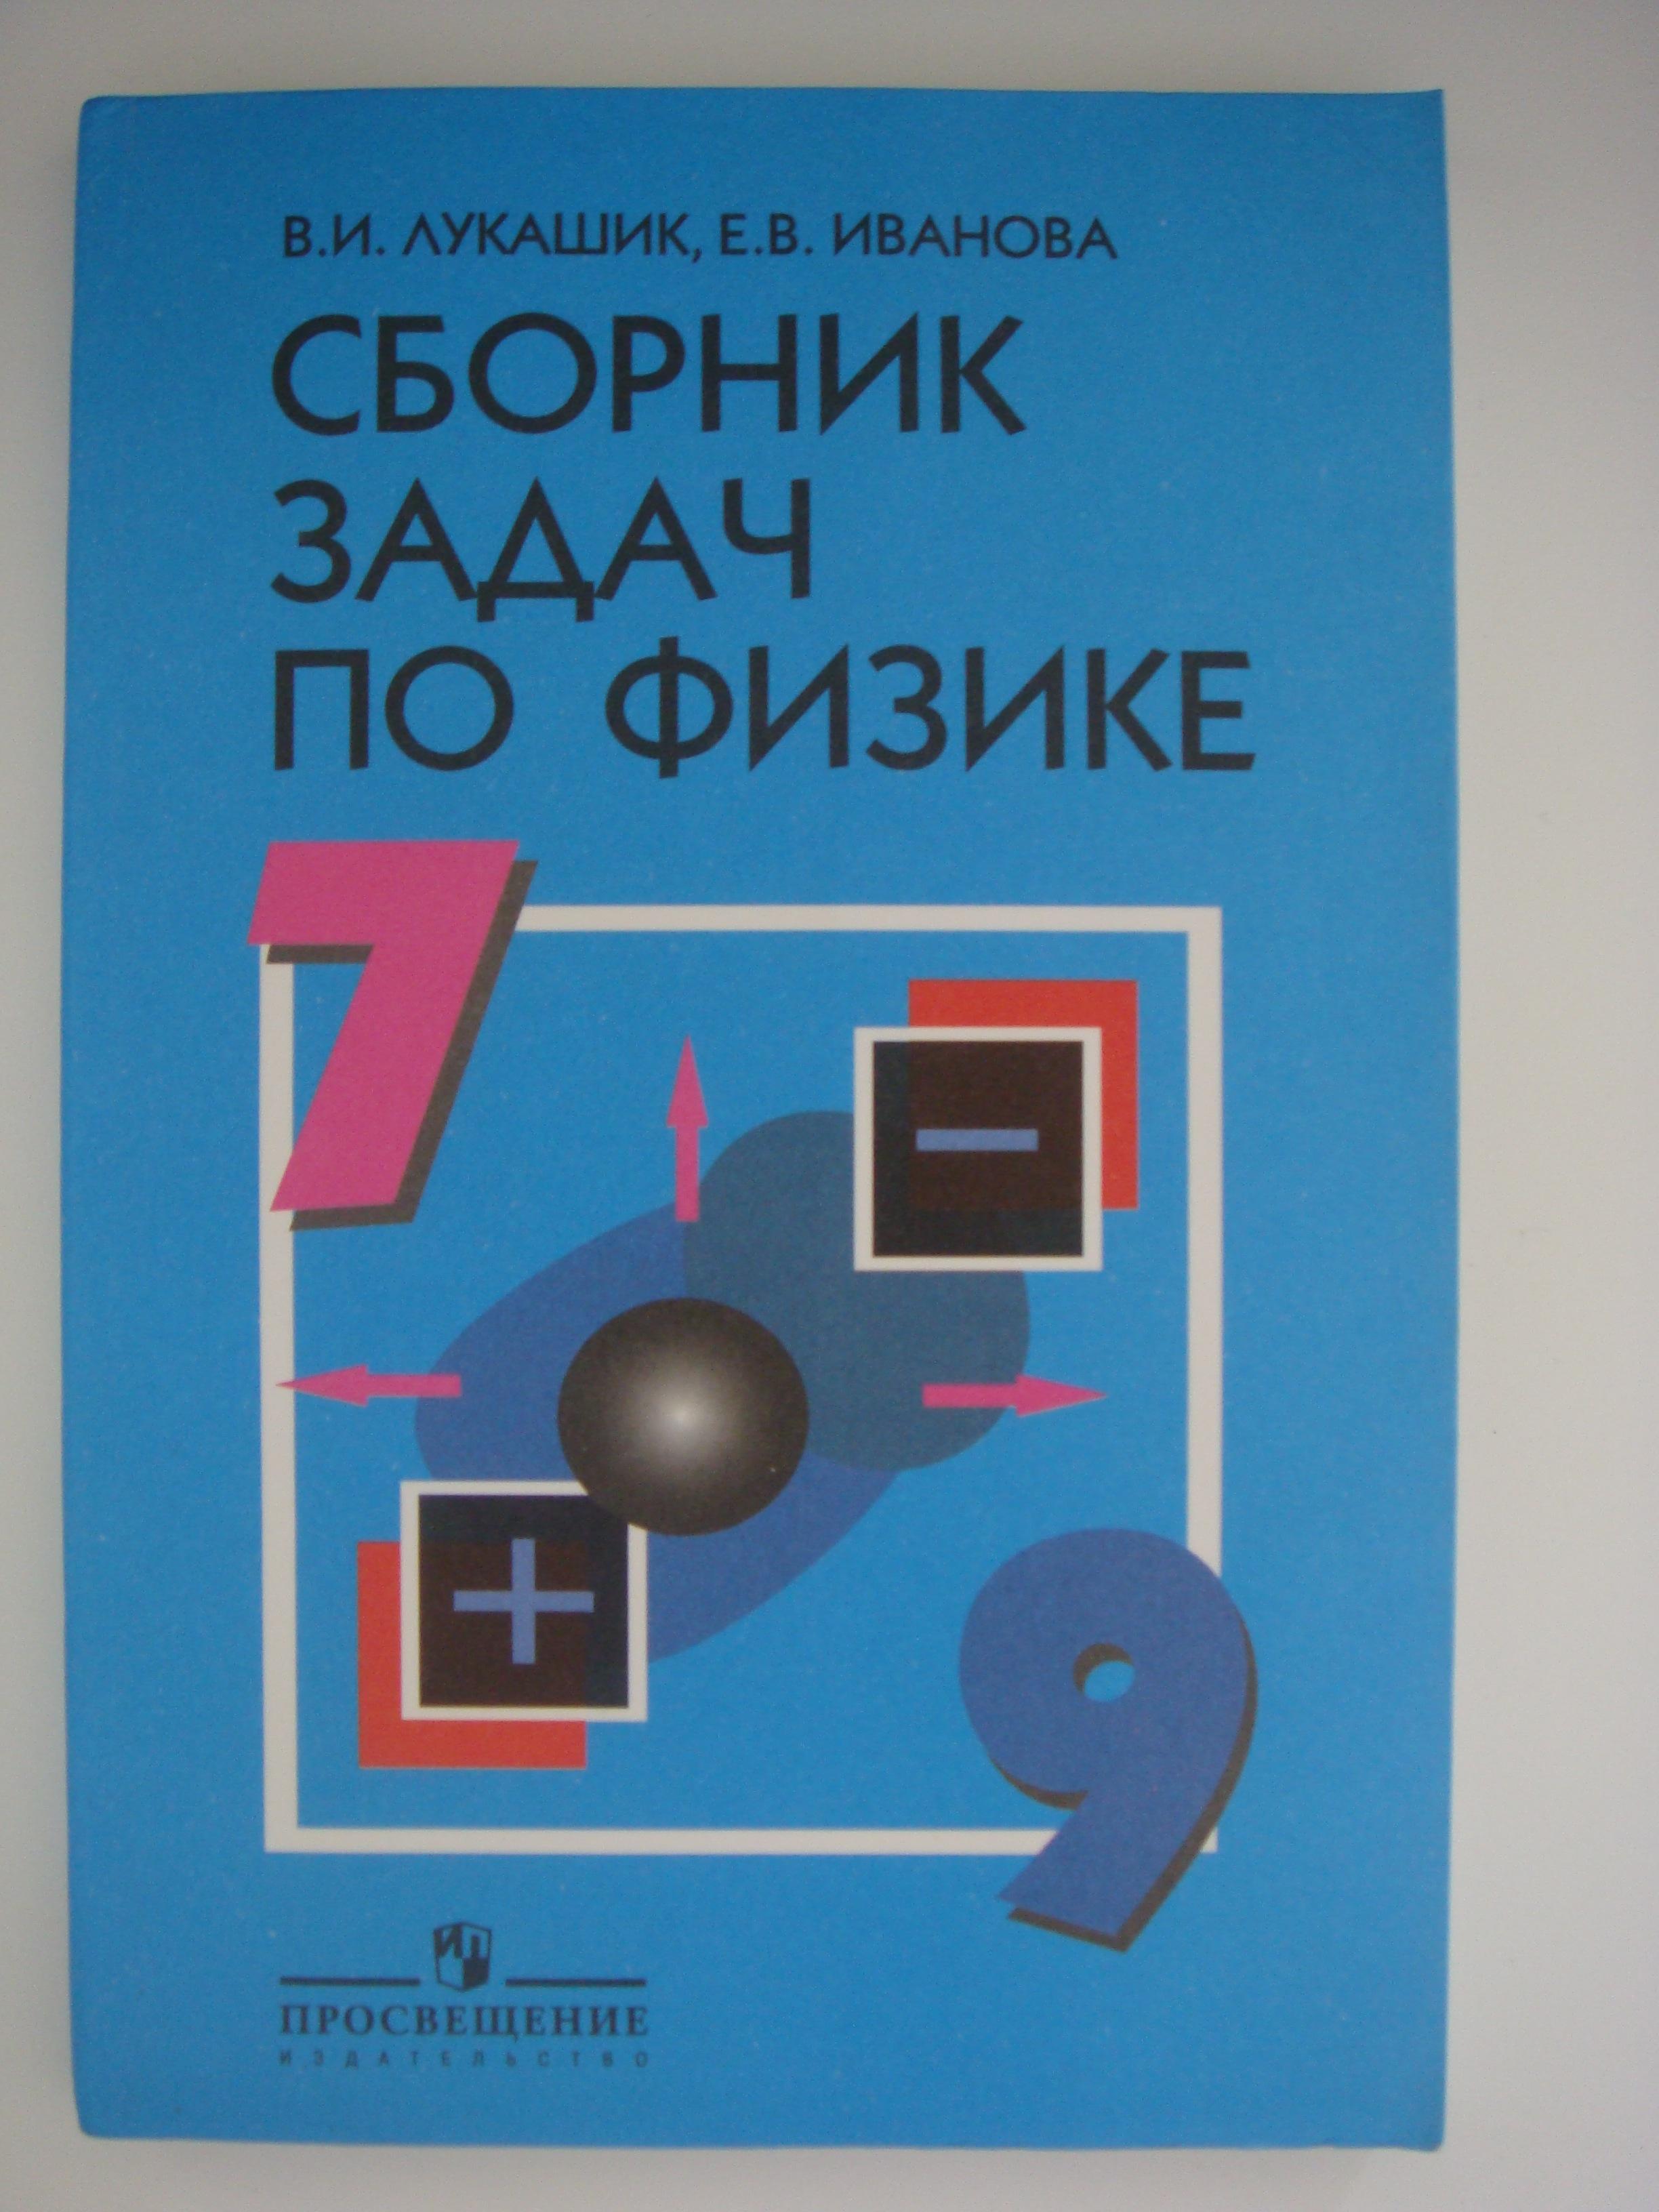 Решебник к сборнику звдвч по физике лукашика